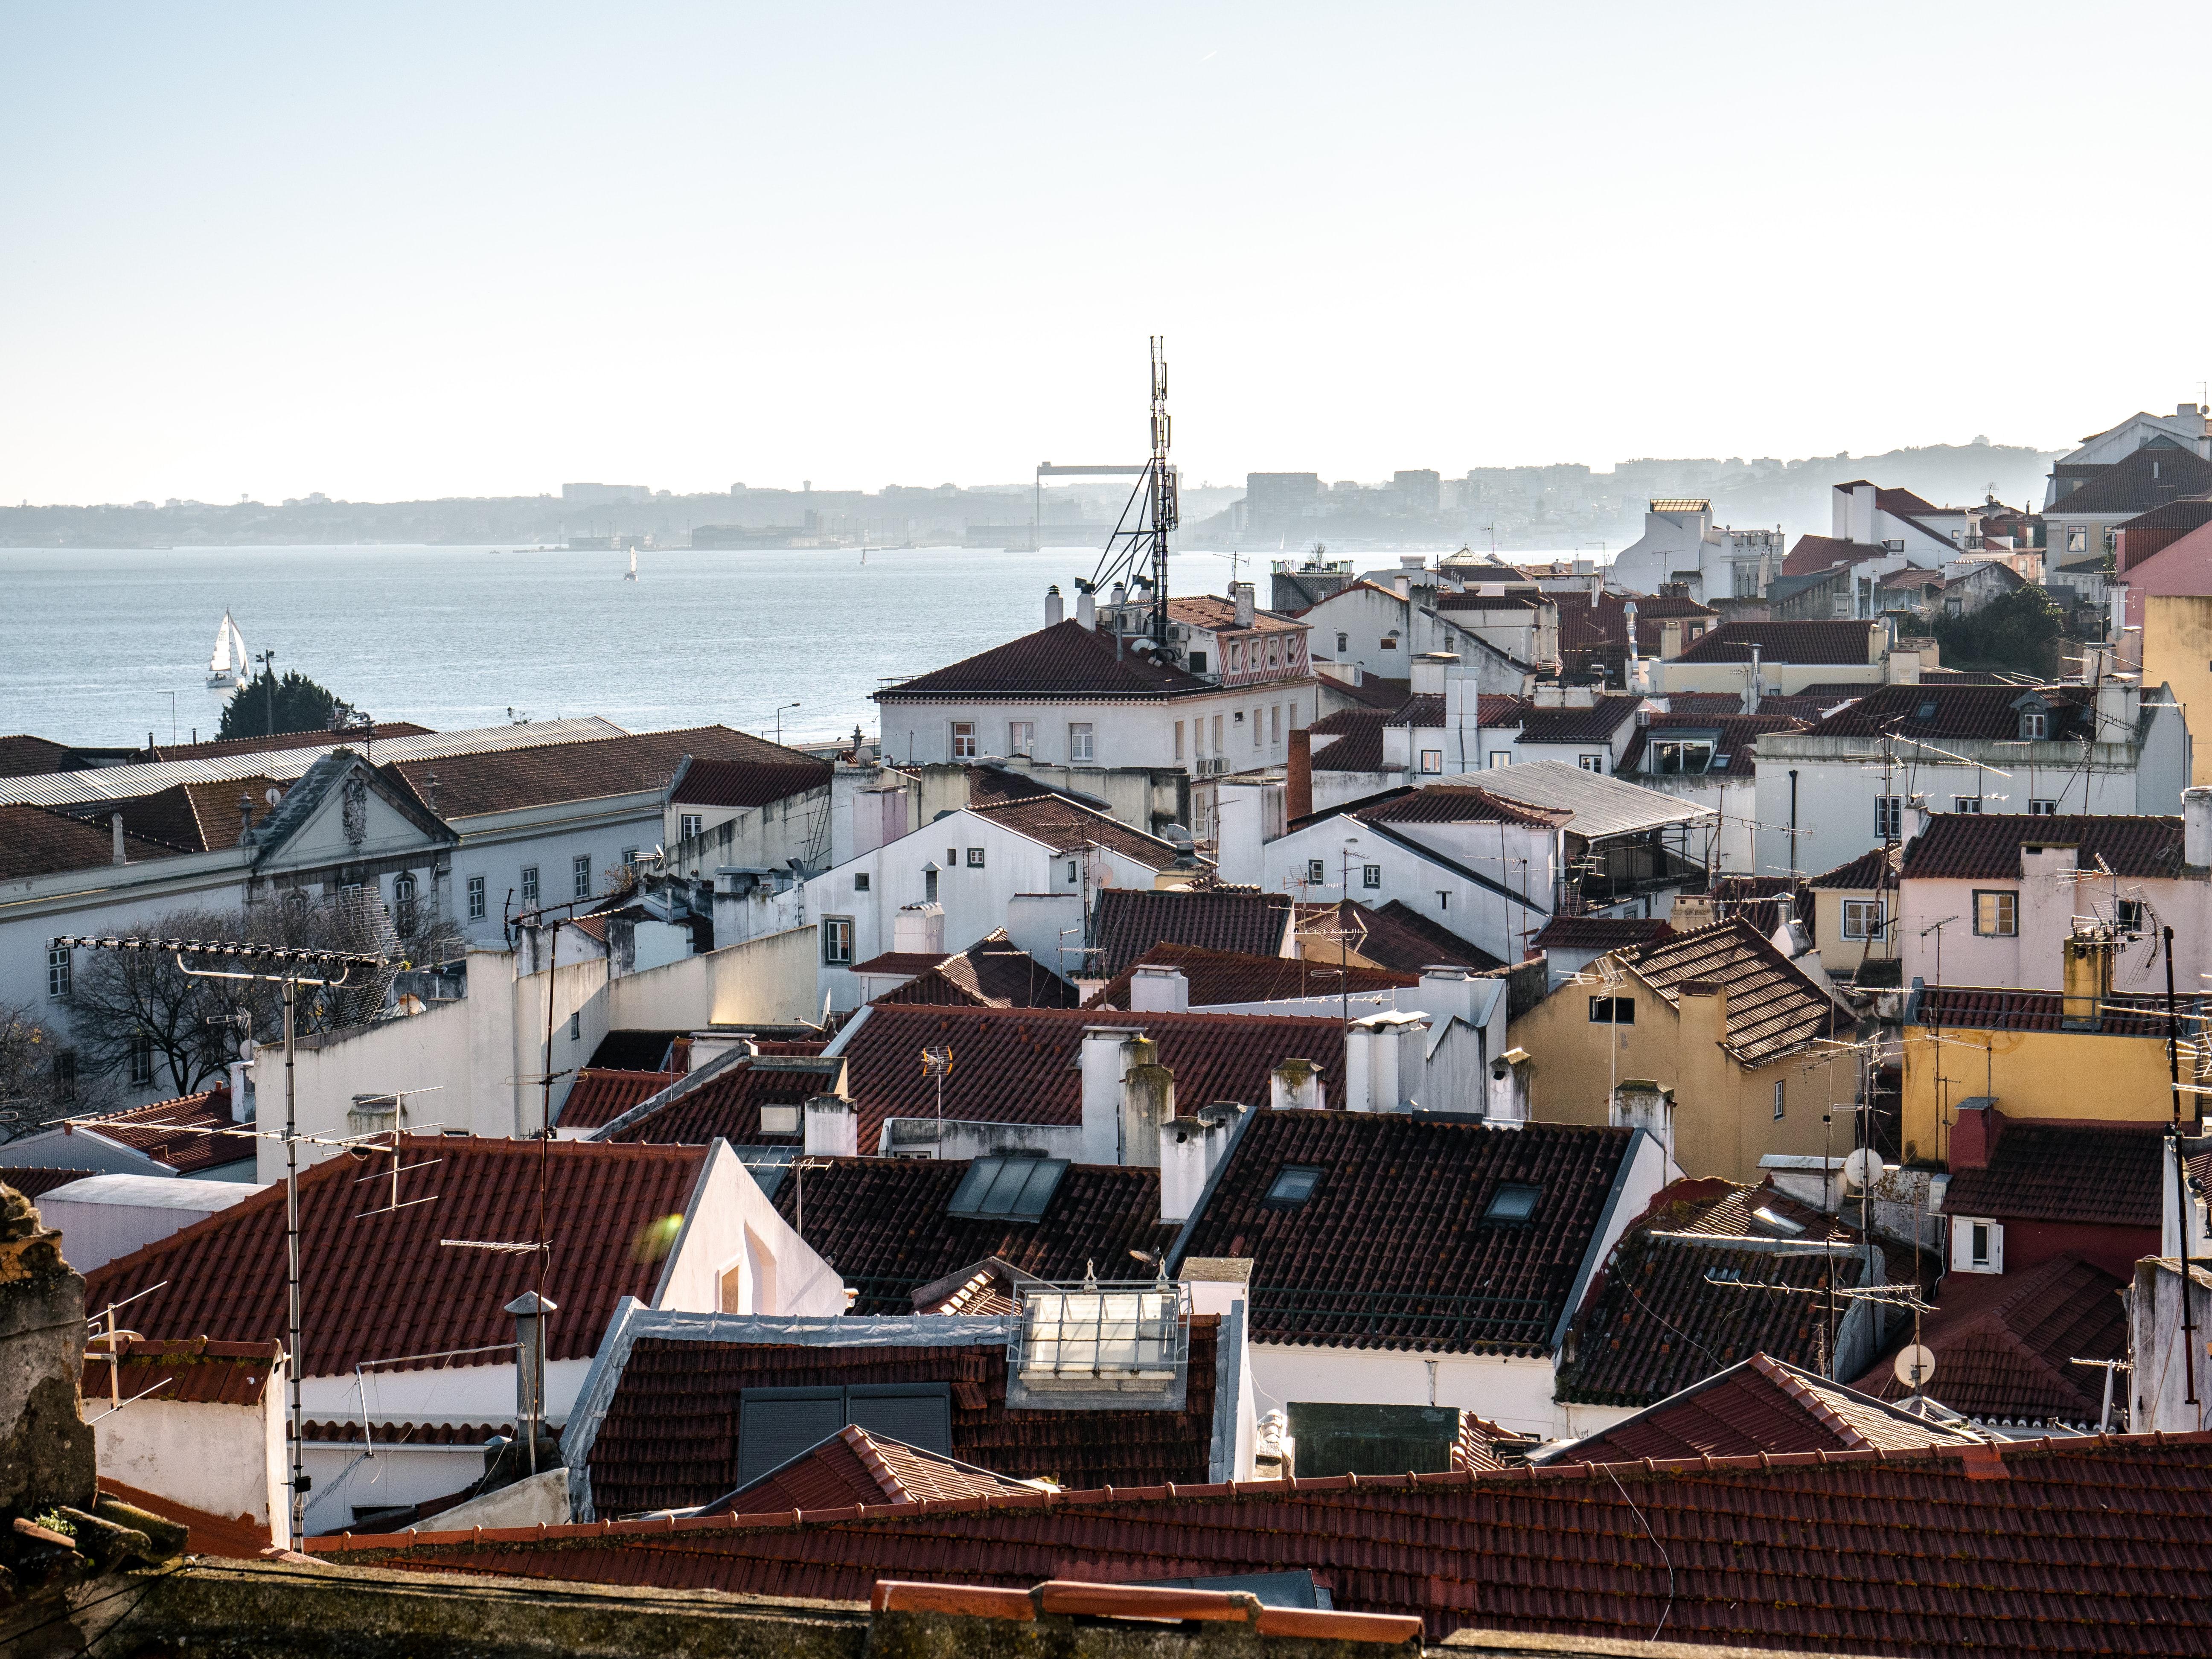 Lisboafoi a cidadeonde os preços das rendas mais subiram no contexto europeu, entre 2007 e 2018. / Photo by Ronan Furuta on Unsplash